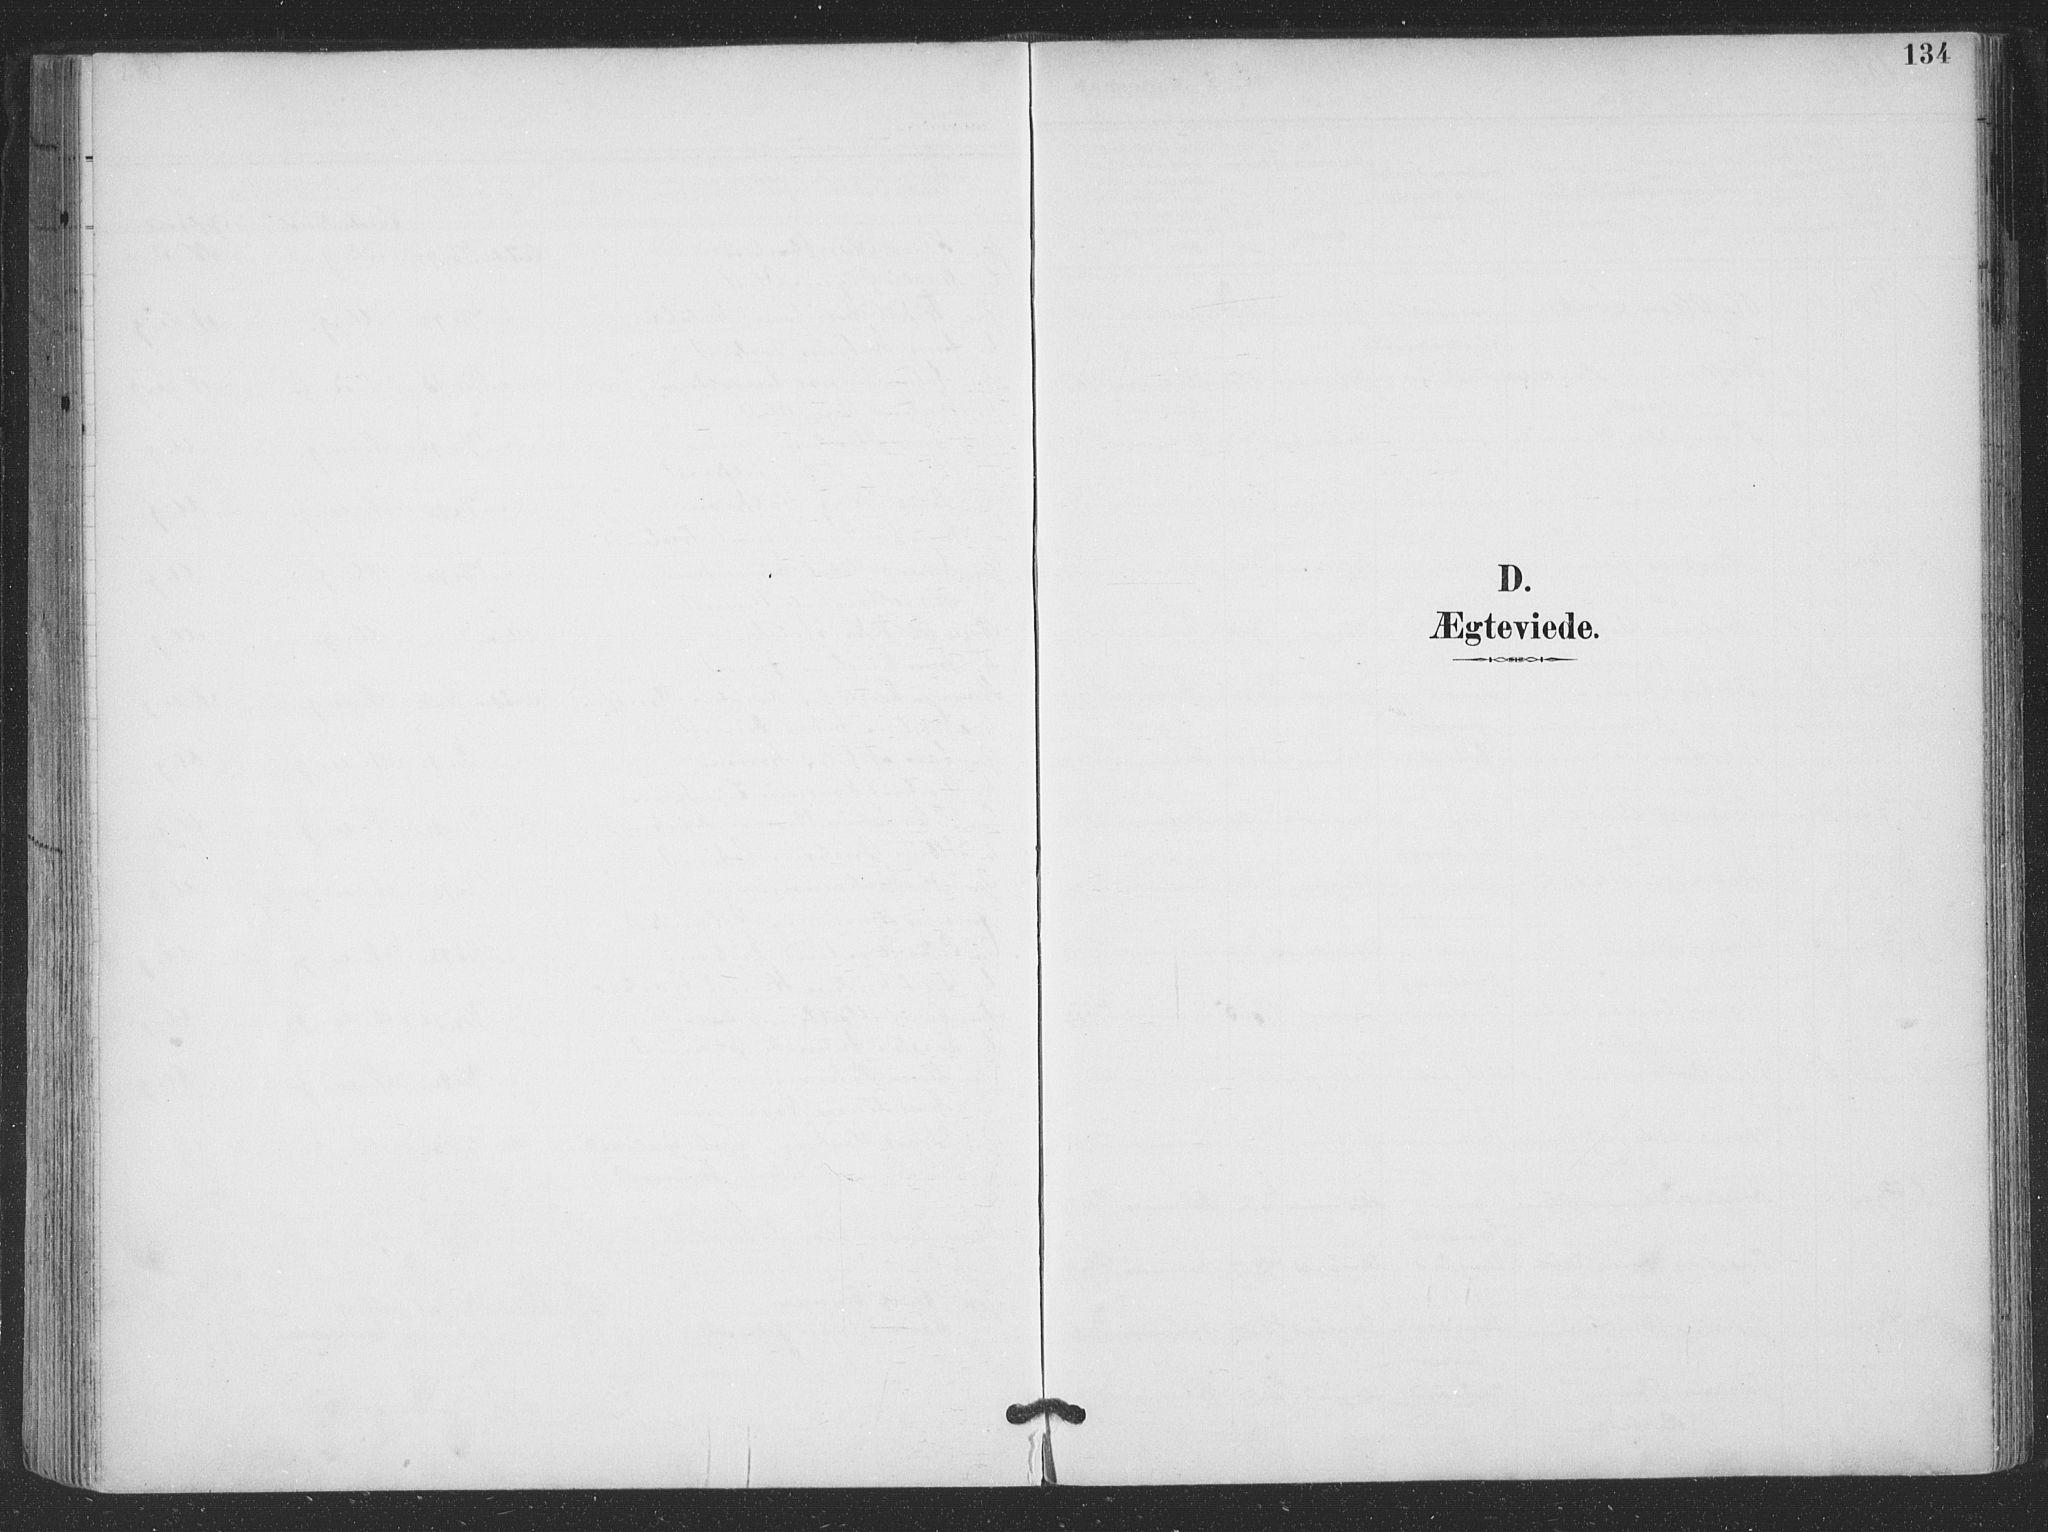 SAT, Ministerialprotokoller, klokkerbøker og fødselsregistre - Nordland, 866/L0939: Parish register (official) no. 866A02, 1894-1906, p. 134